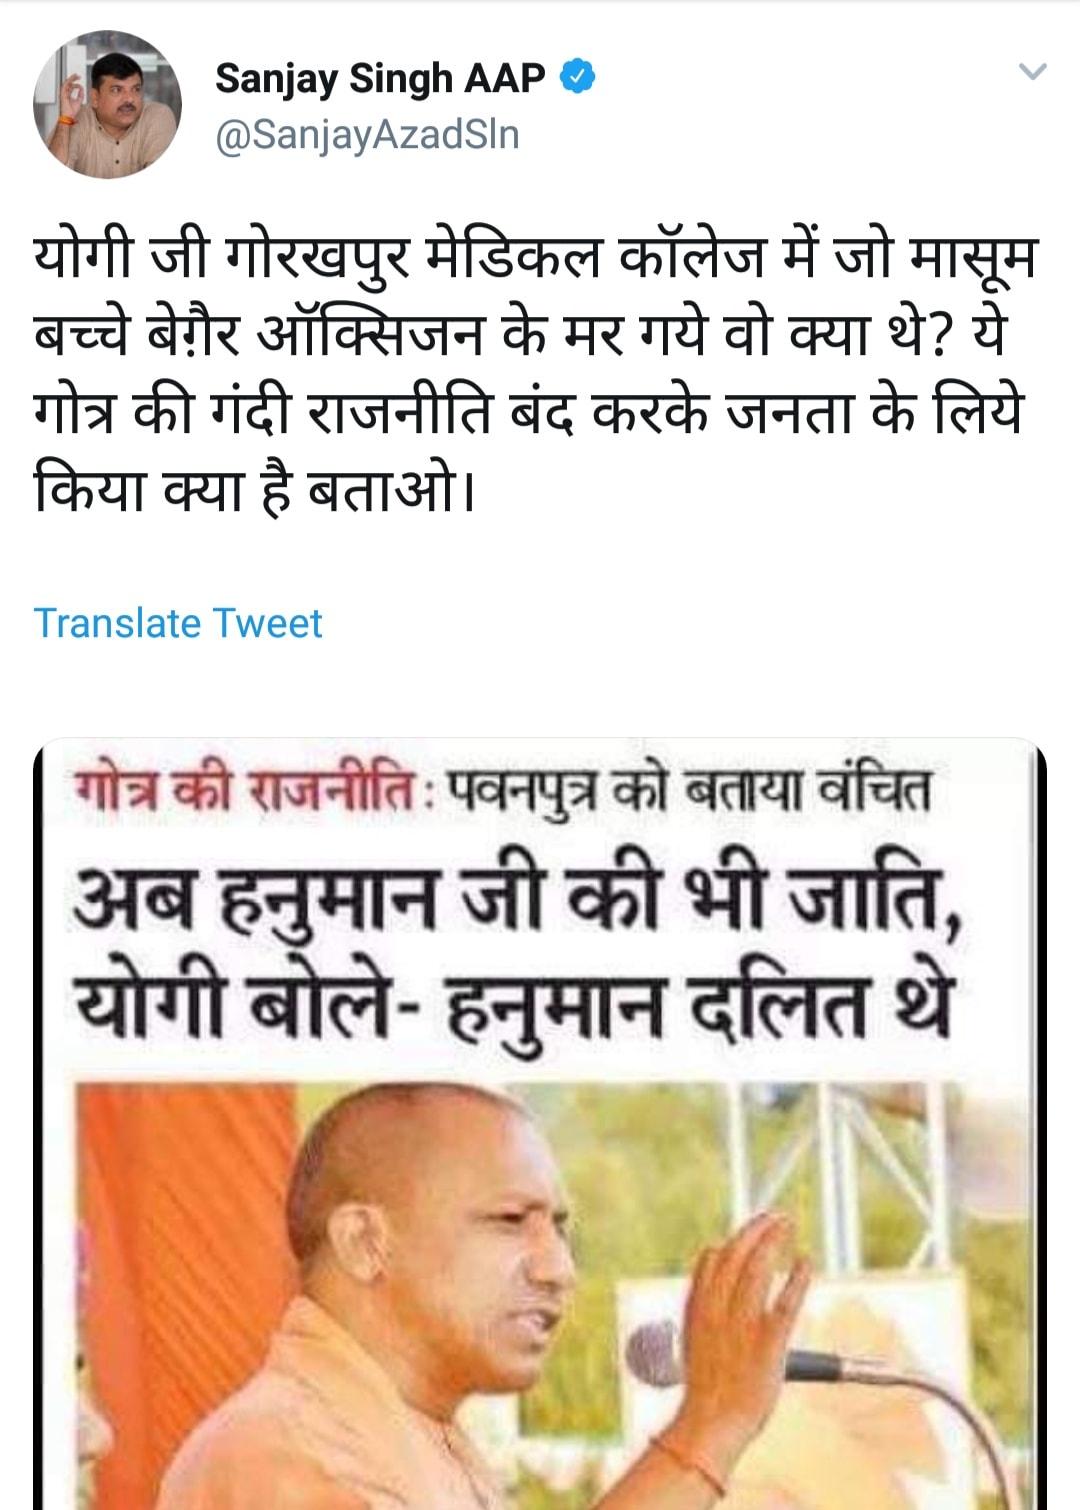 Yogi Aditya Nath: Hanuman Ji Dalit the